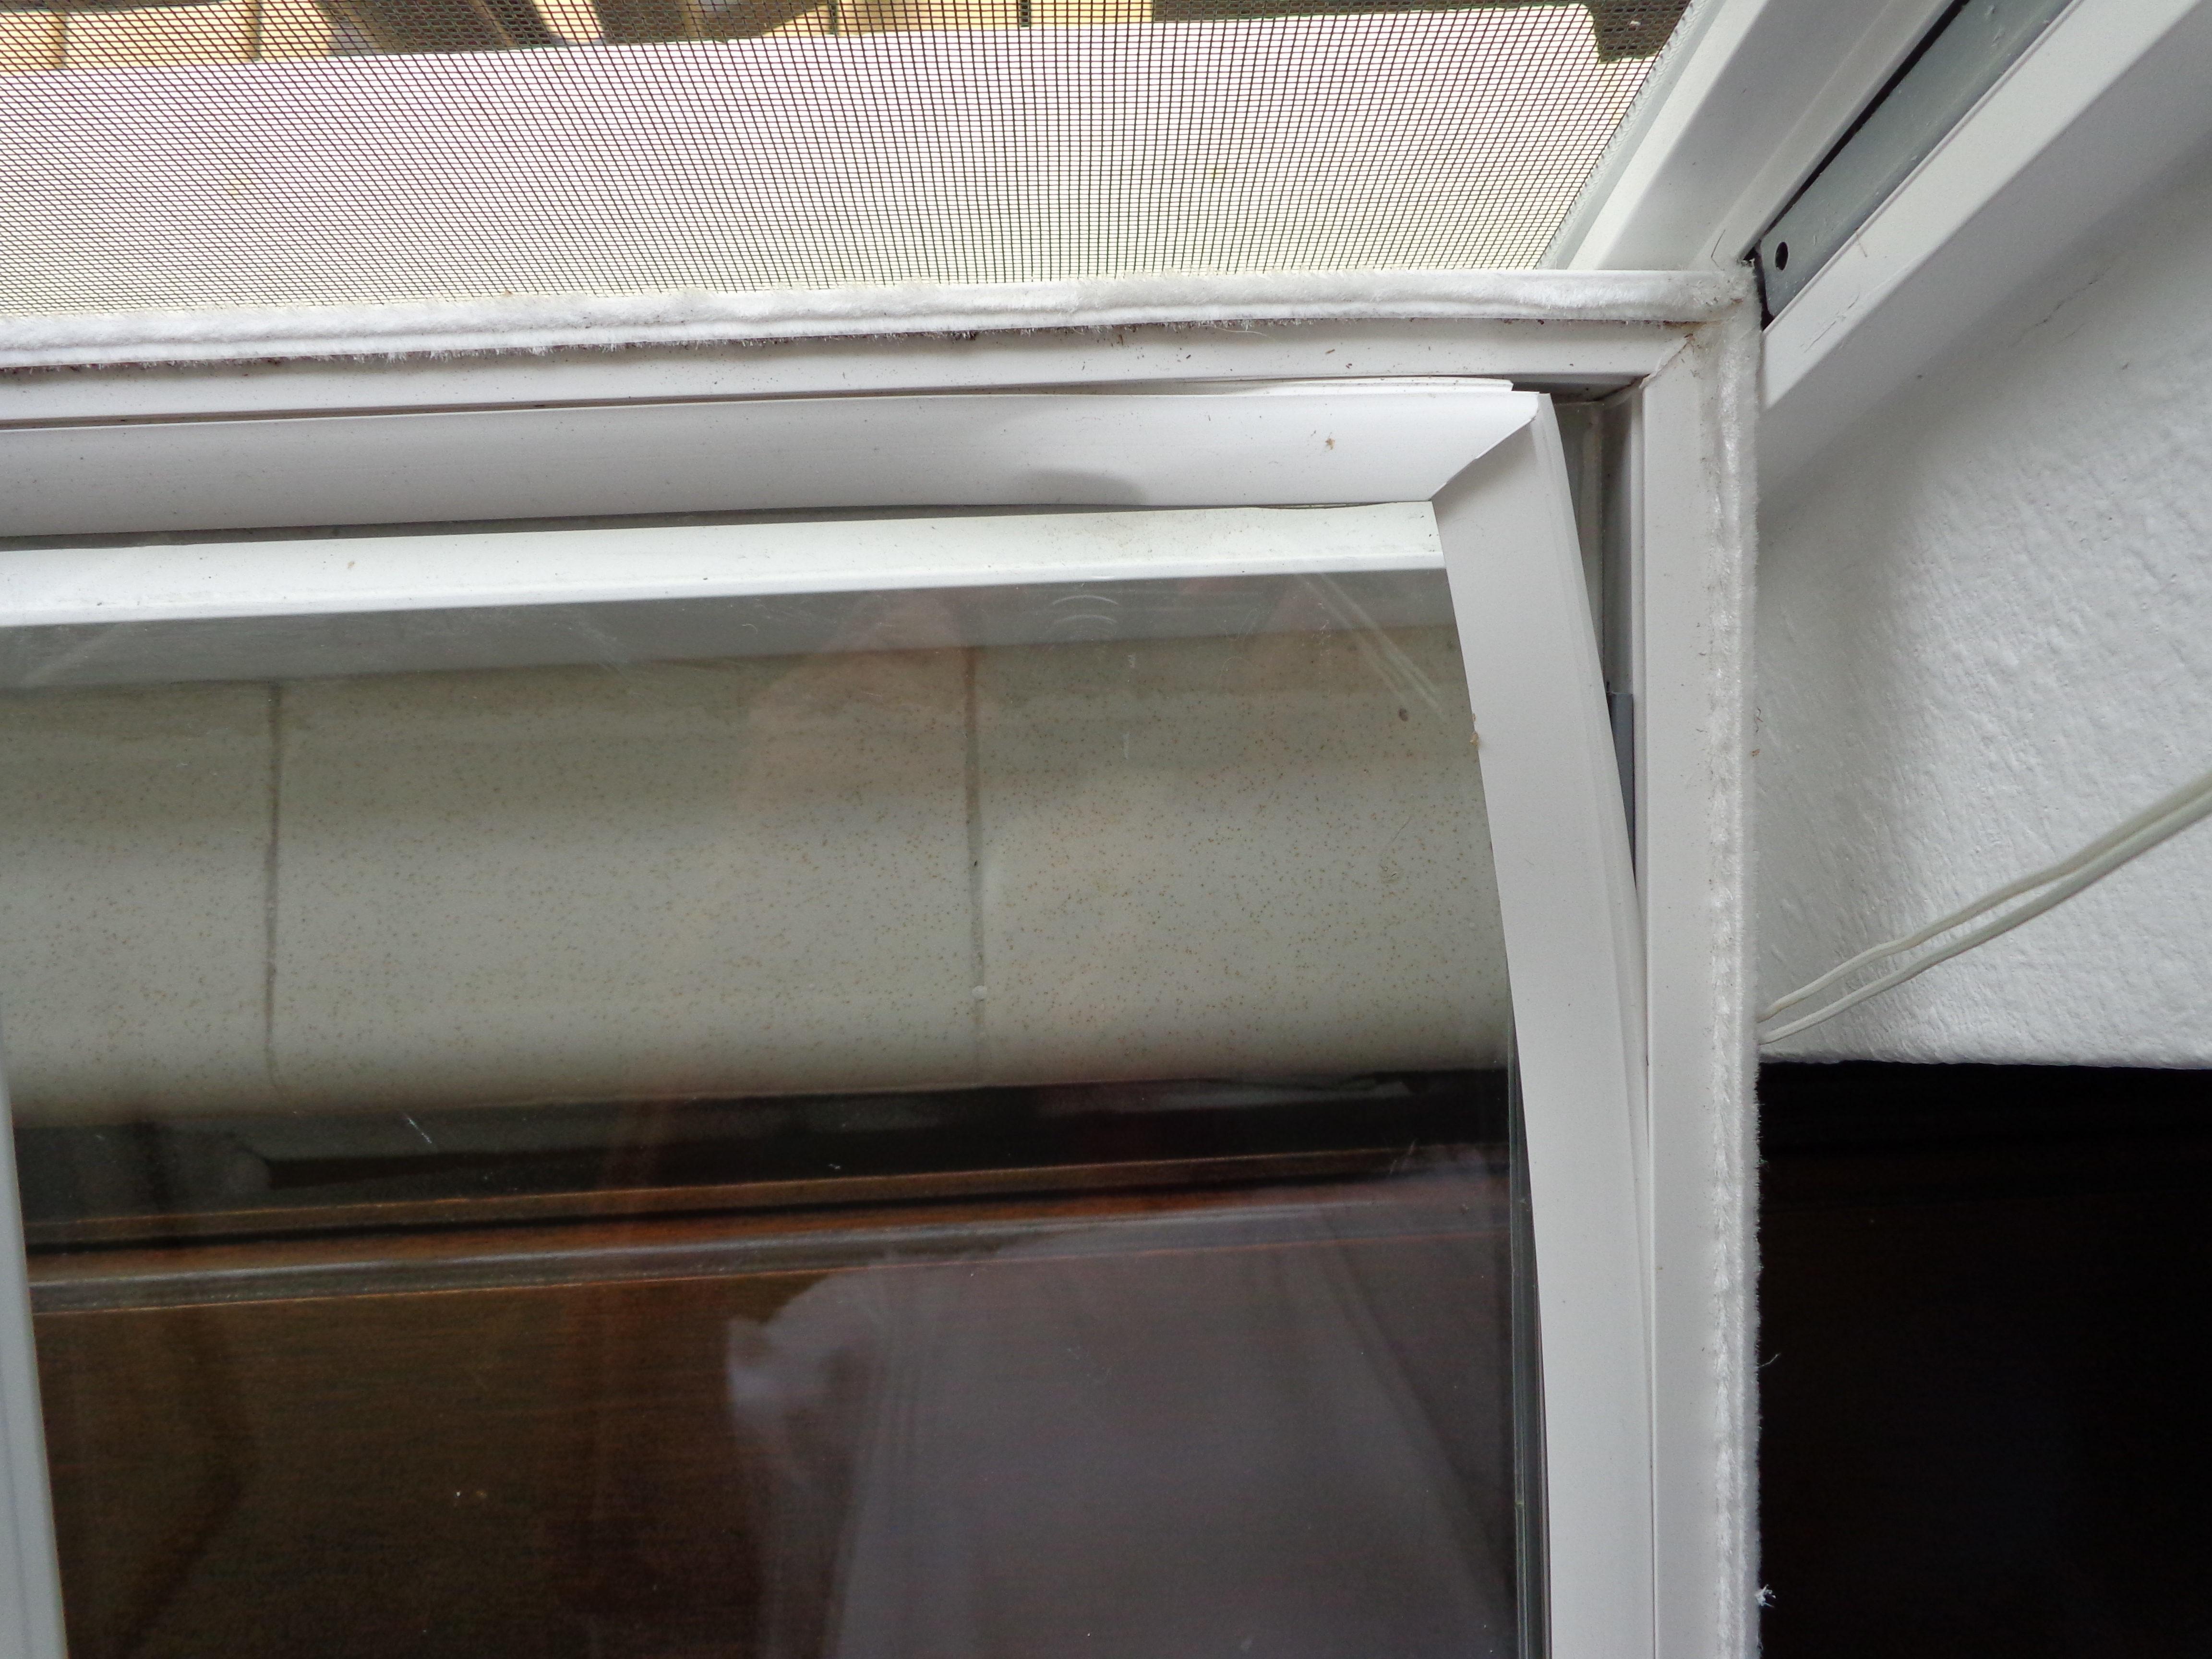 Storm Door Lowes Trendy Storm Door Lowes With Storm Door